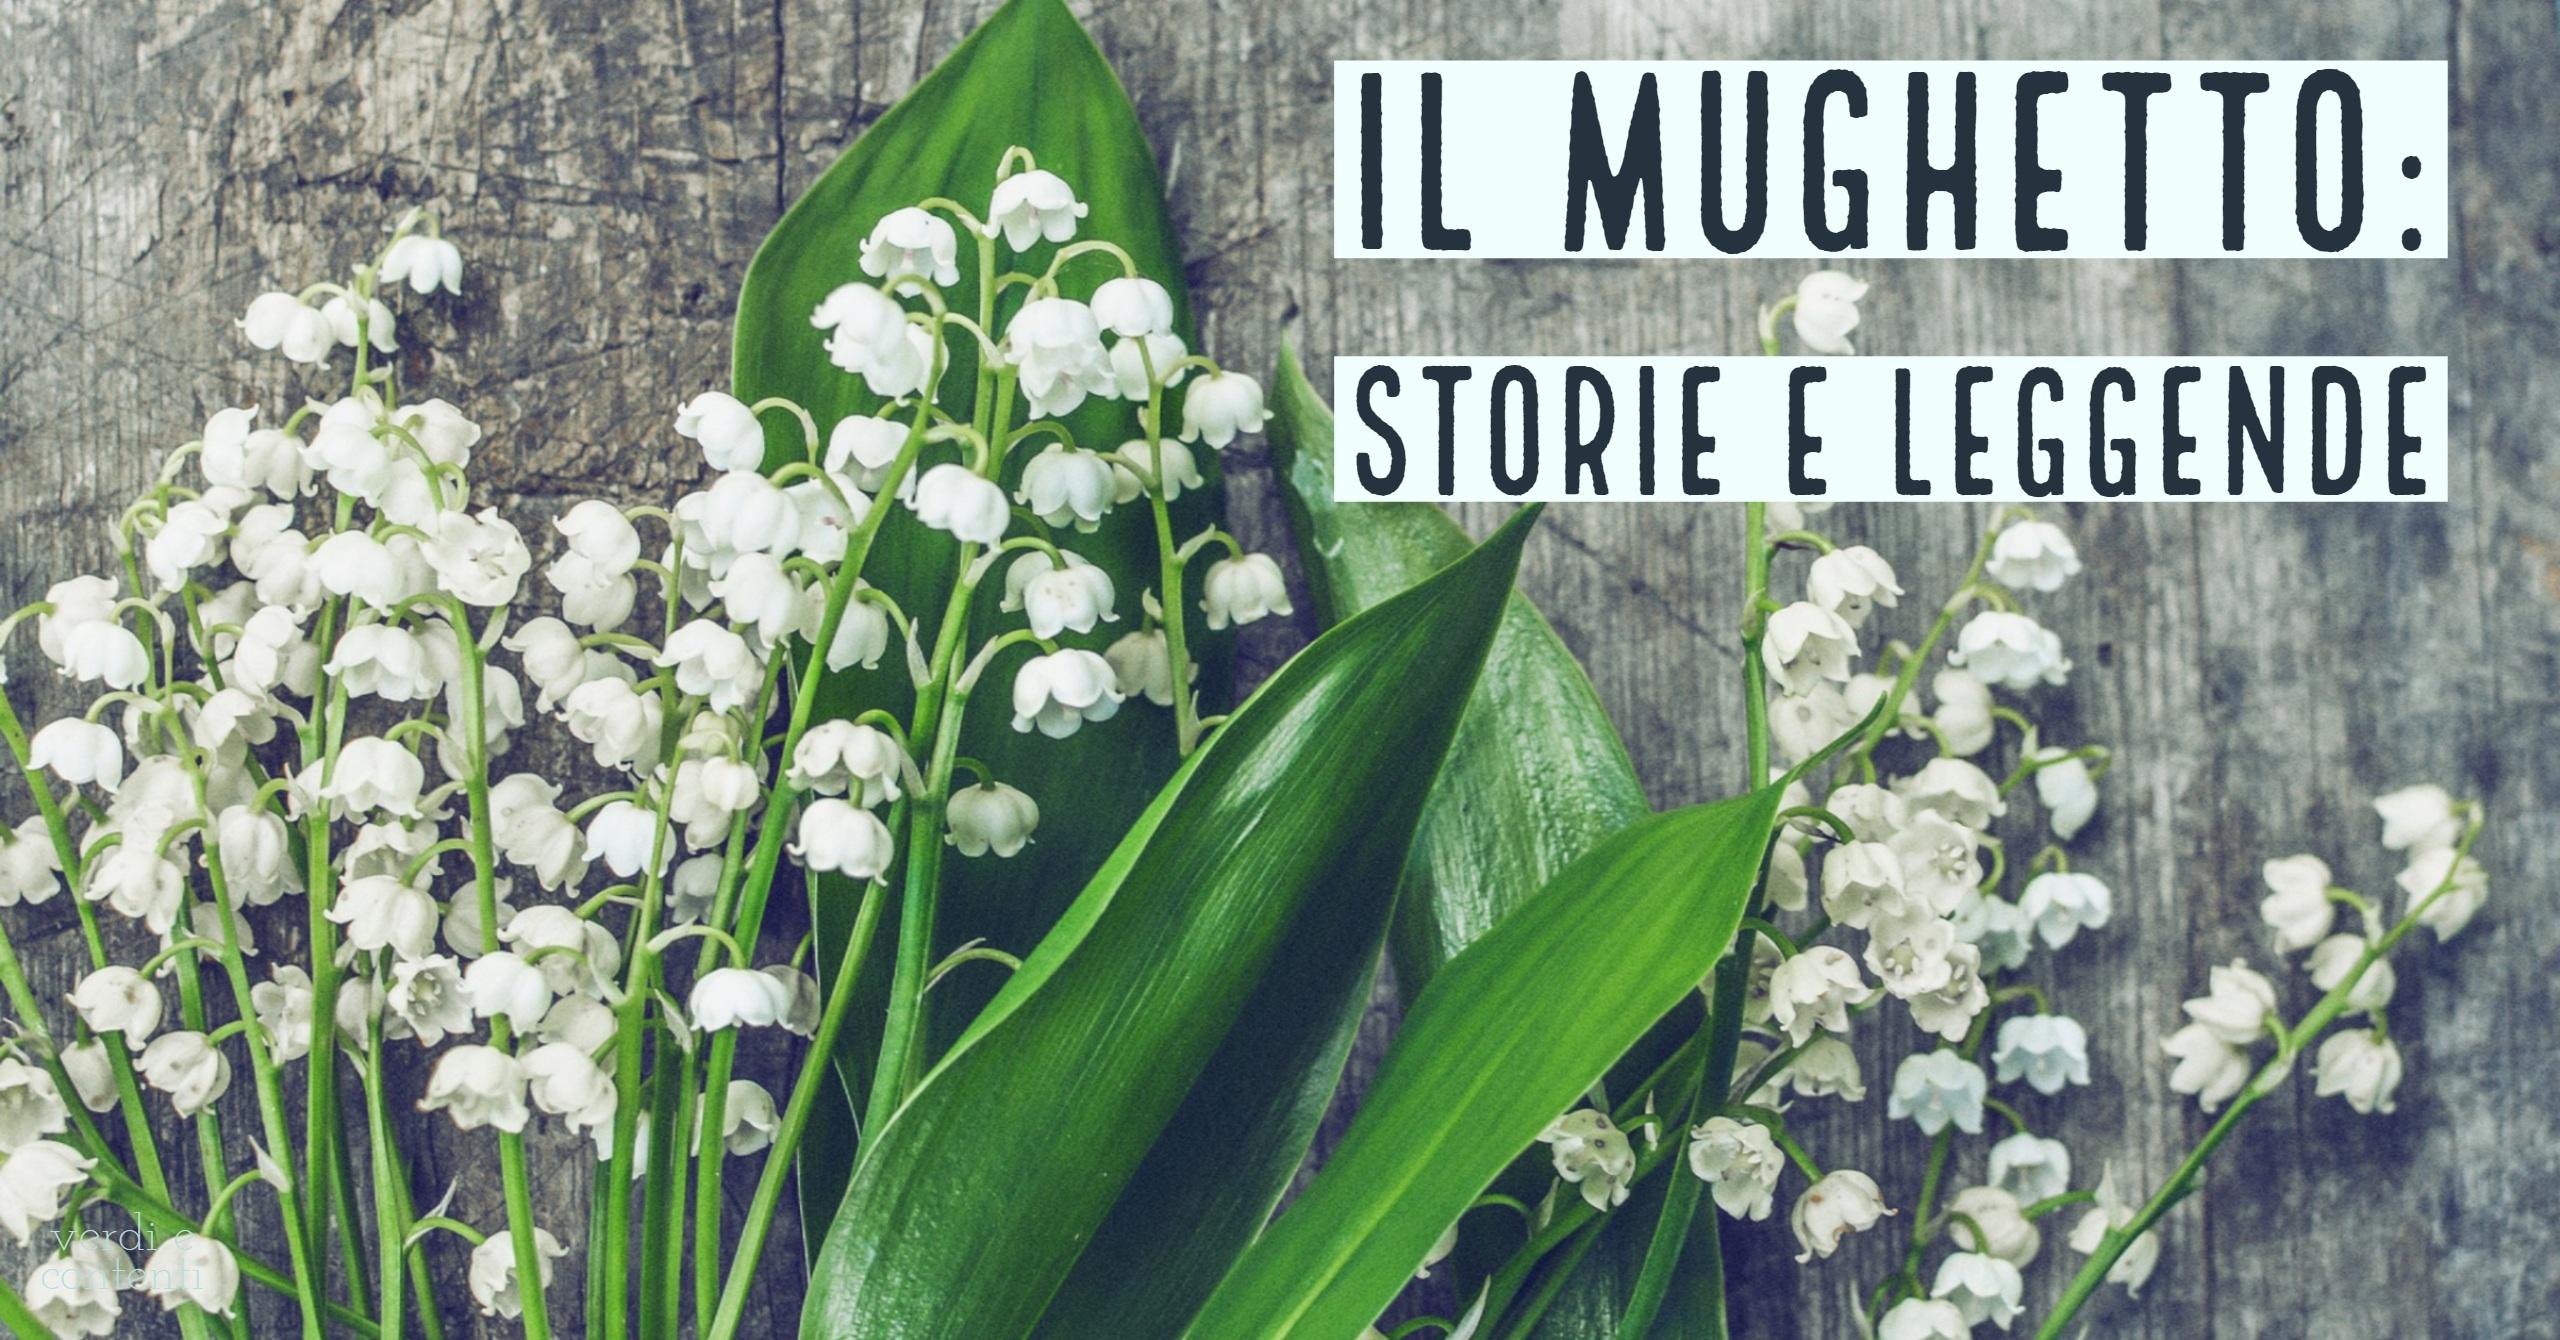 Il mughetto: storie e leggende.